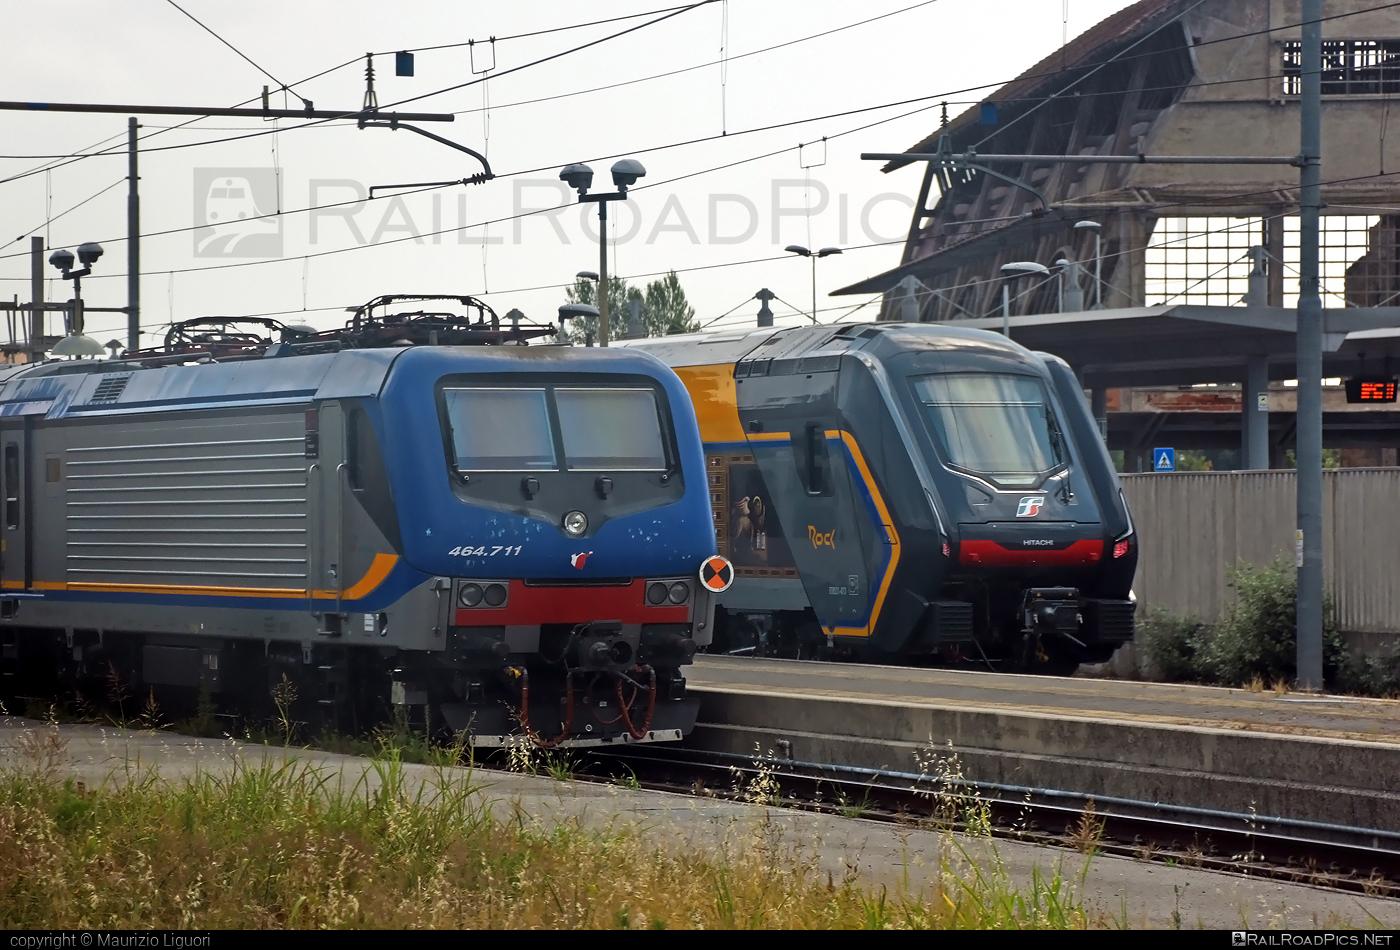 Bombardier TRAXX P160 DCP - E 464.711 operated by Trenitalia S.p.A. #bombardier #bombardiertraxx #ferroviedellostato #fs #fsitaliane #lavatrice #traxx #traxxp160 #traxxp160dcp #trenitalia #trenitaliaspa